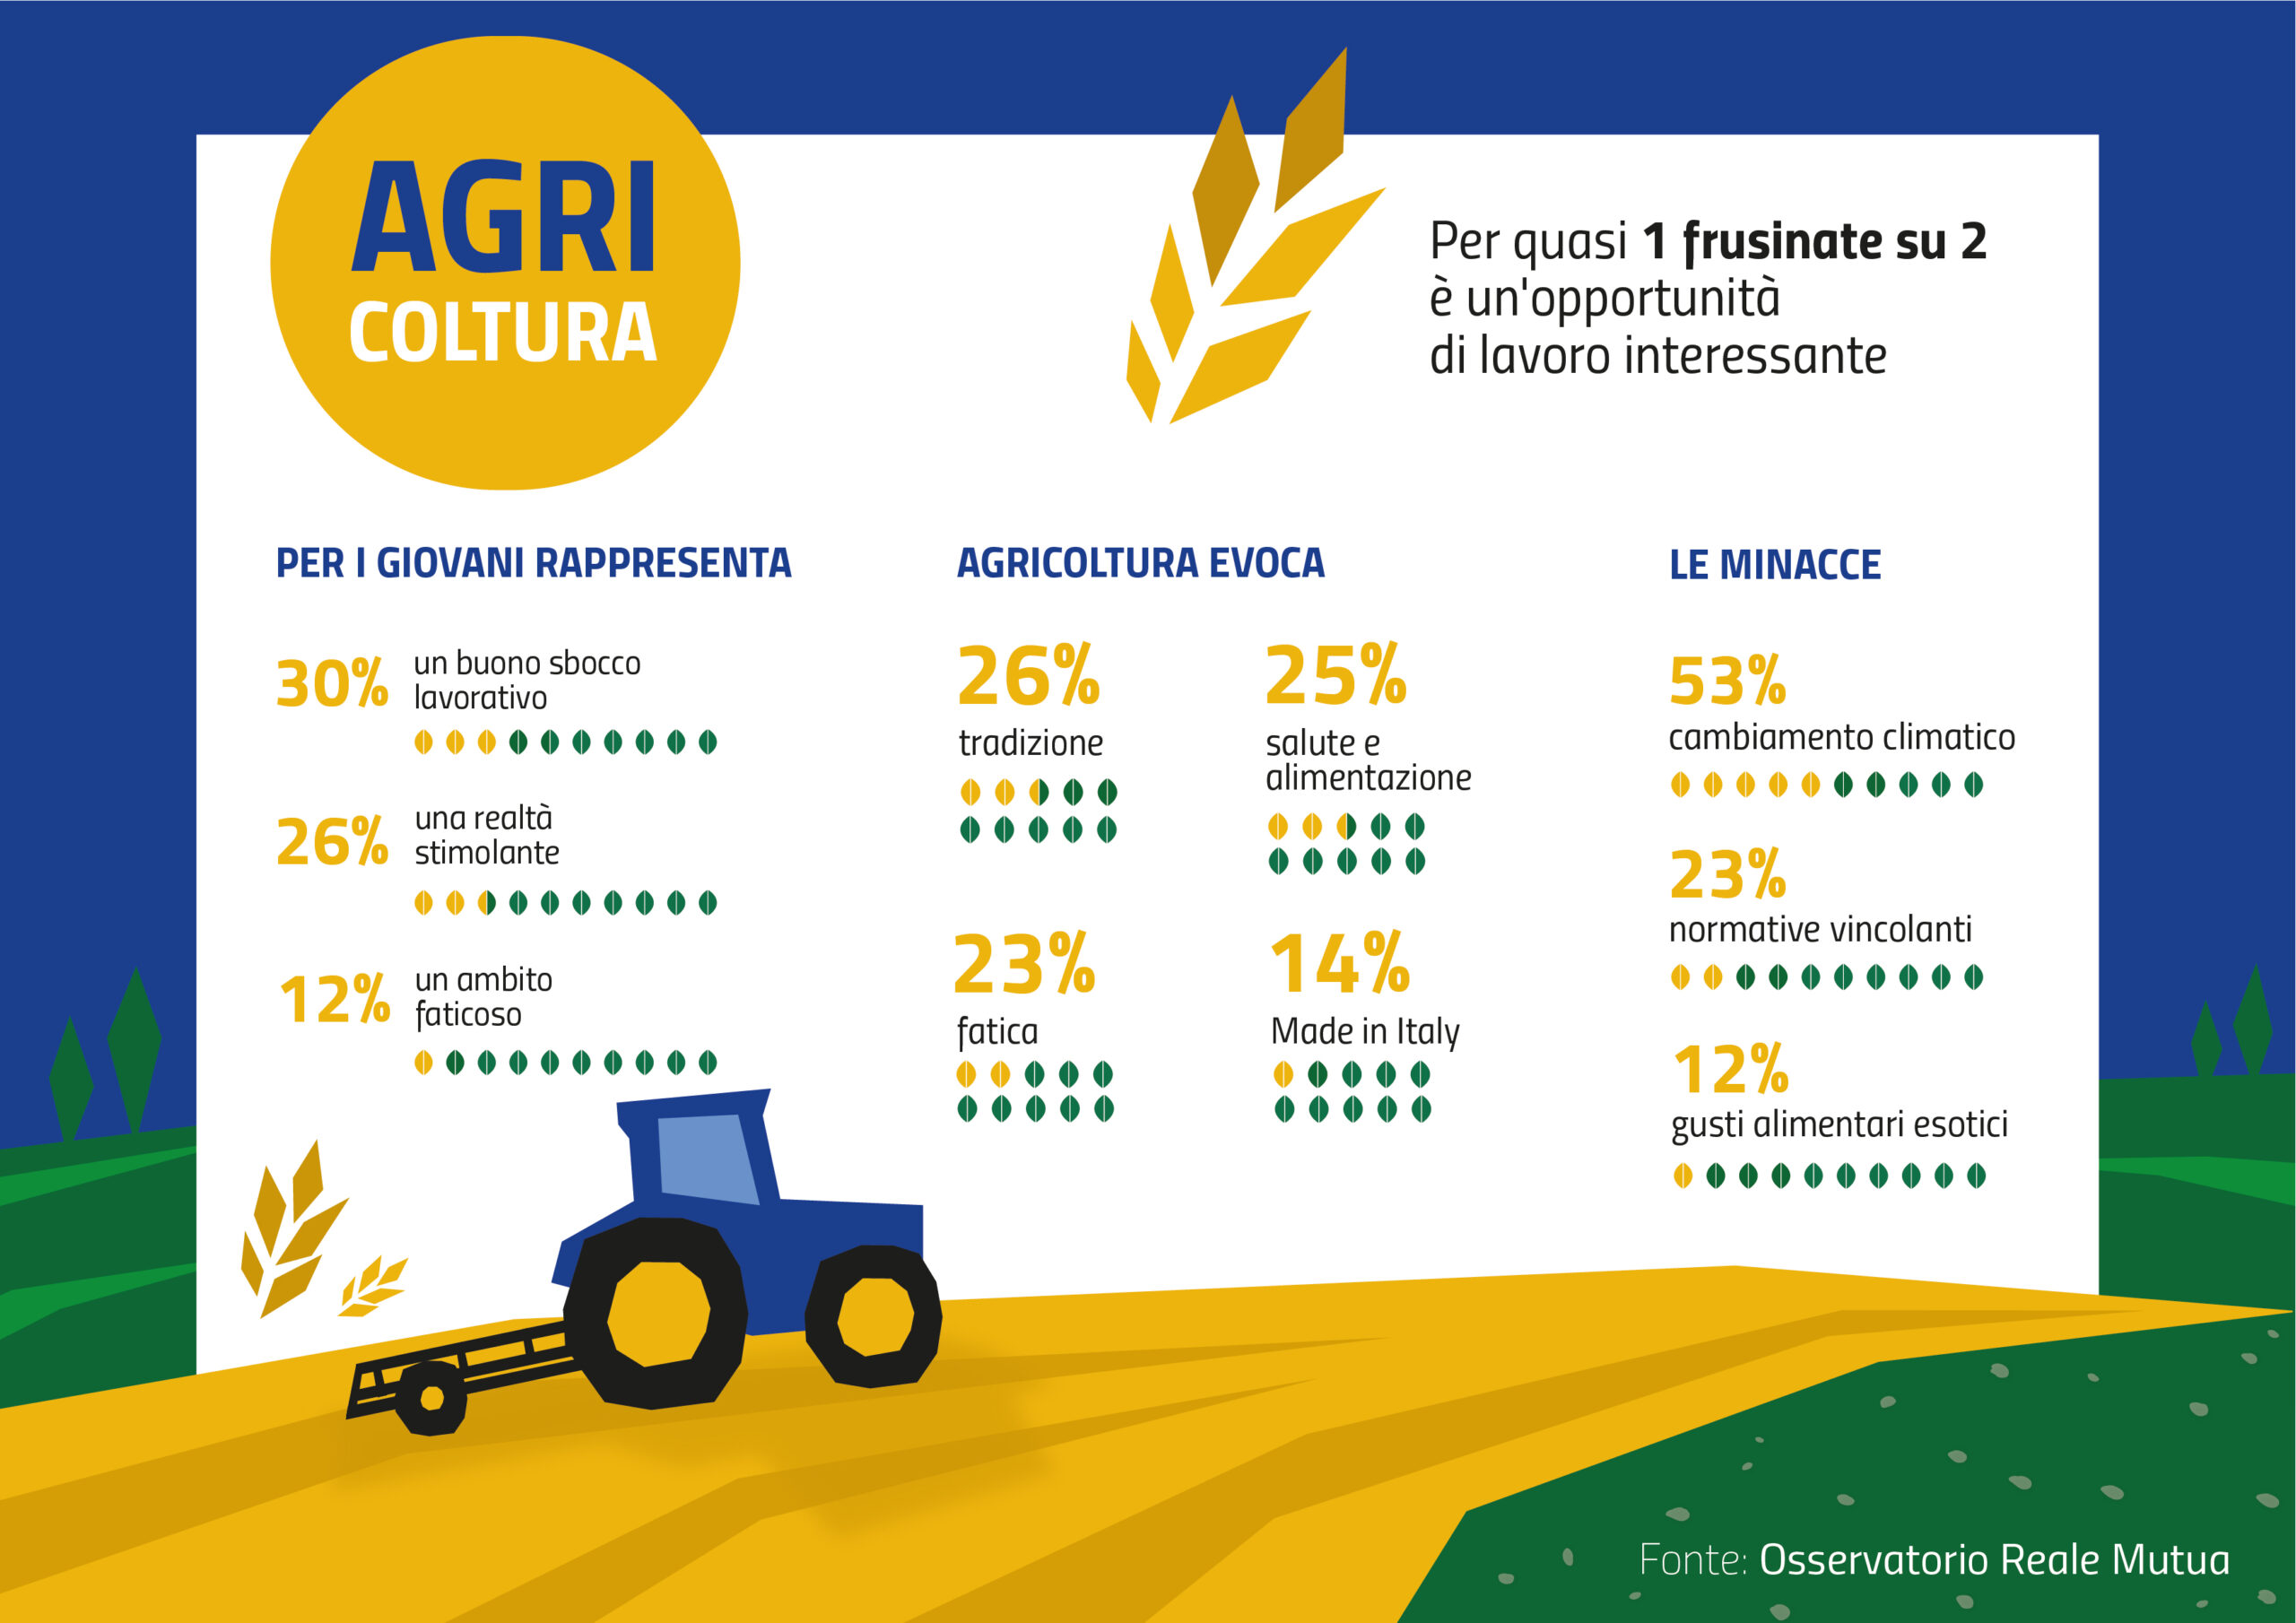 Indagine: Agricoltura, per 1 frusinate su 2 è una buona opportunità di lavoro.